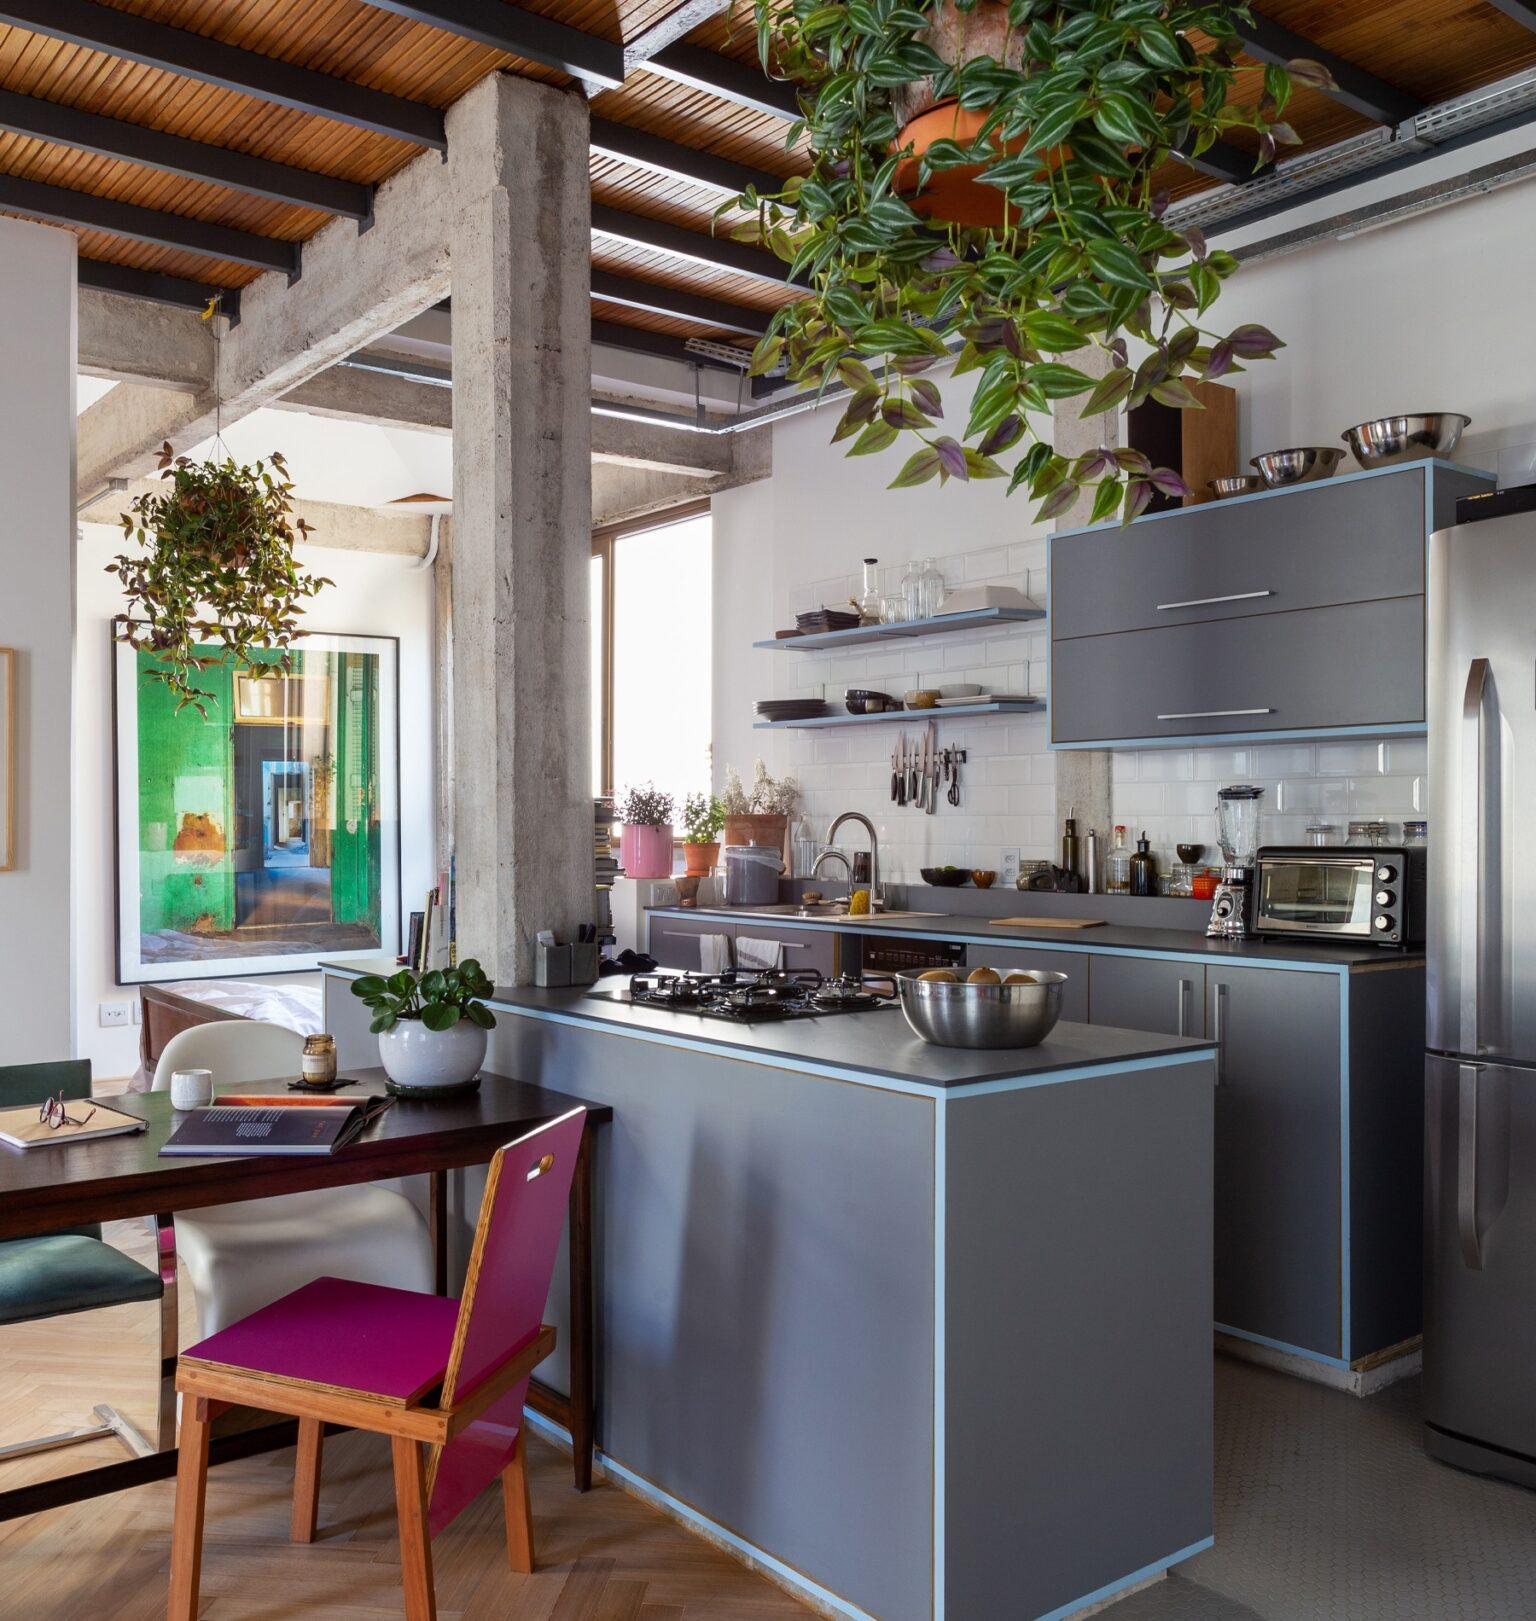 cozinha com cooktop moderno